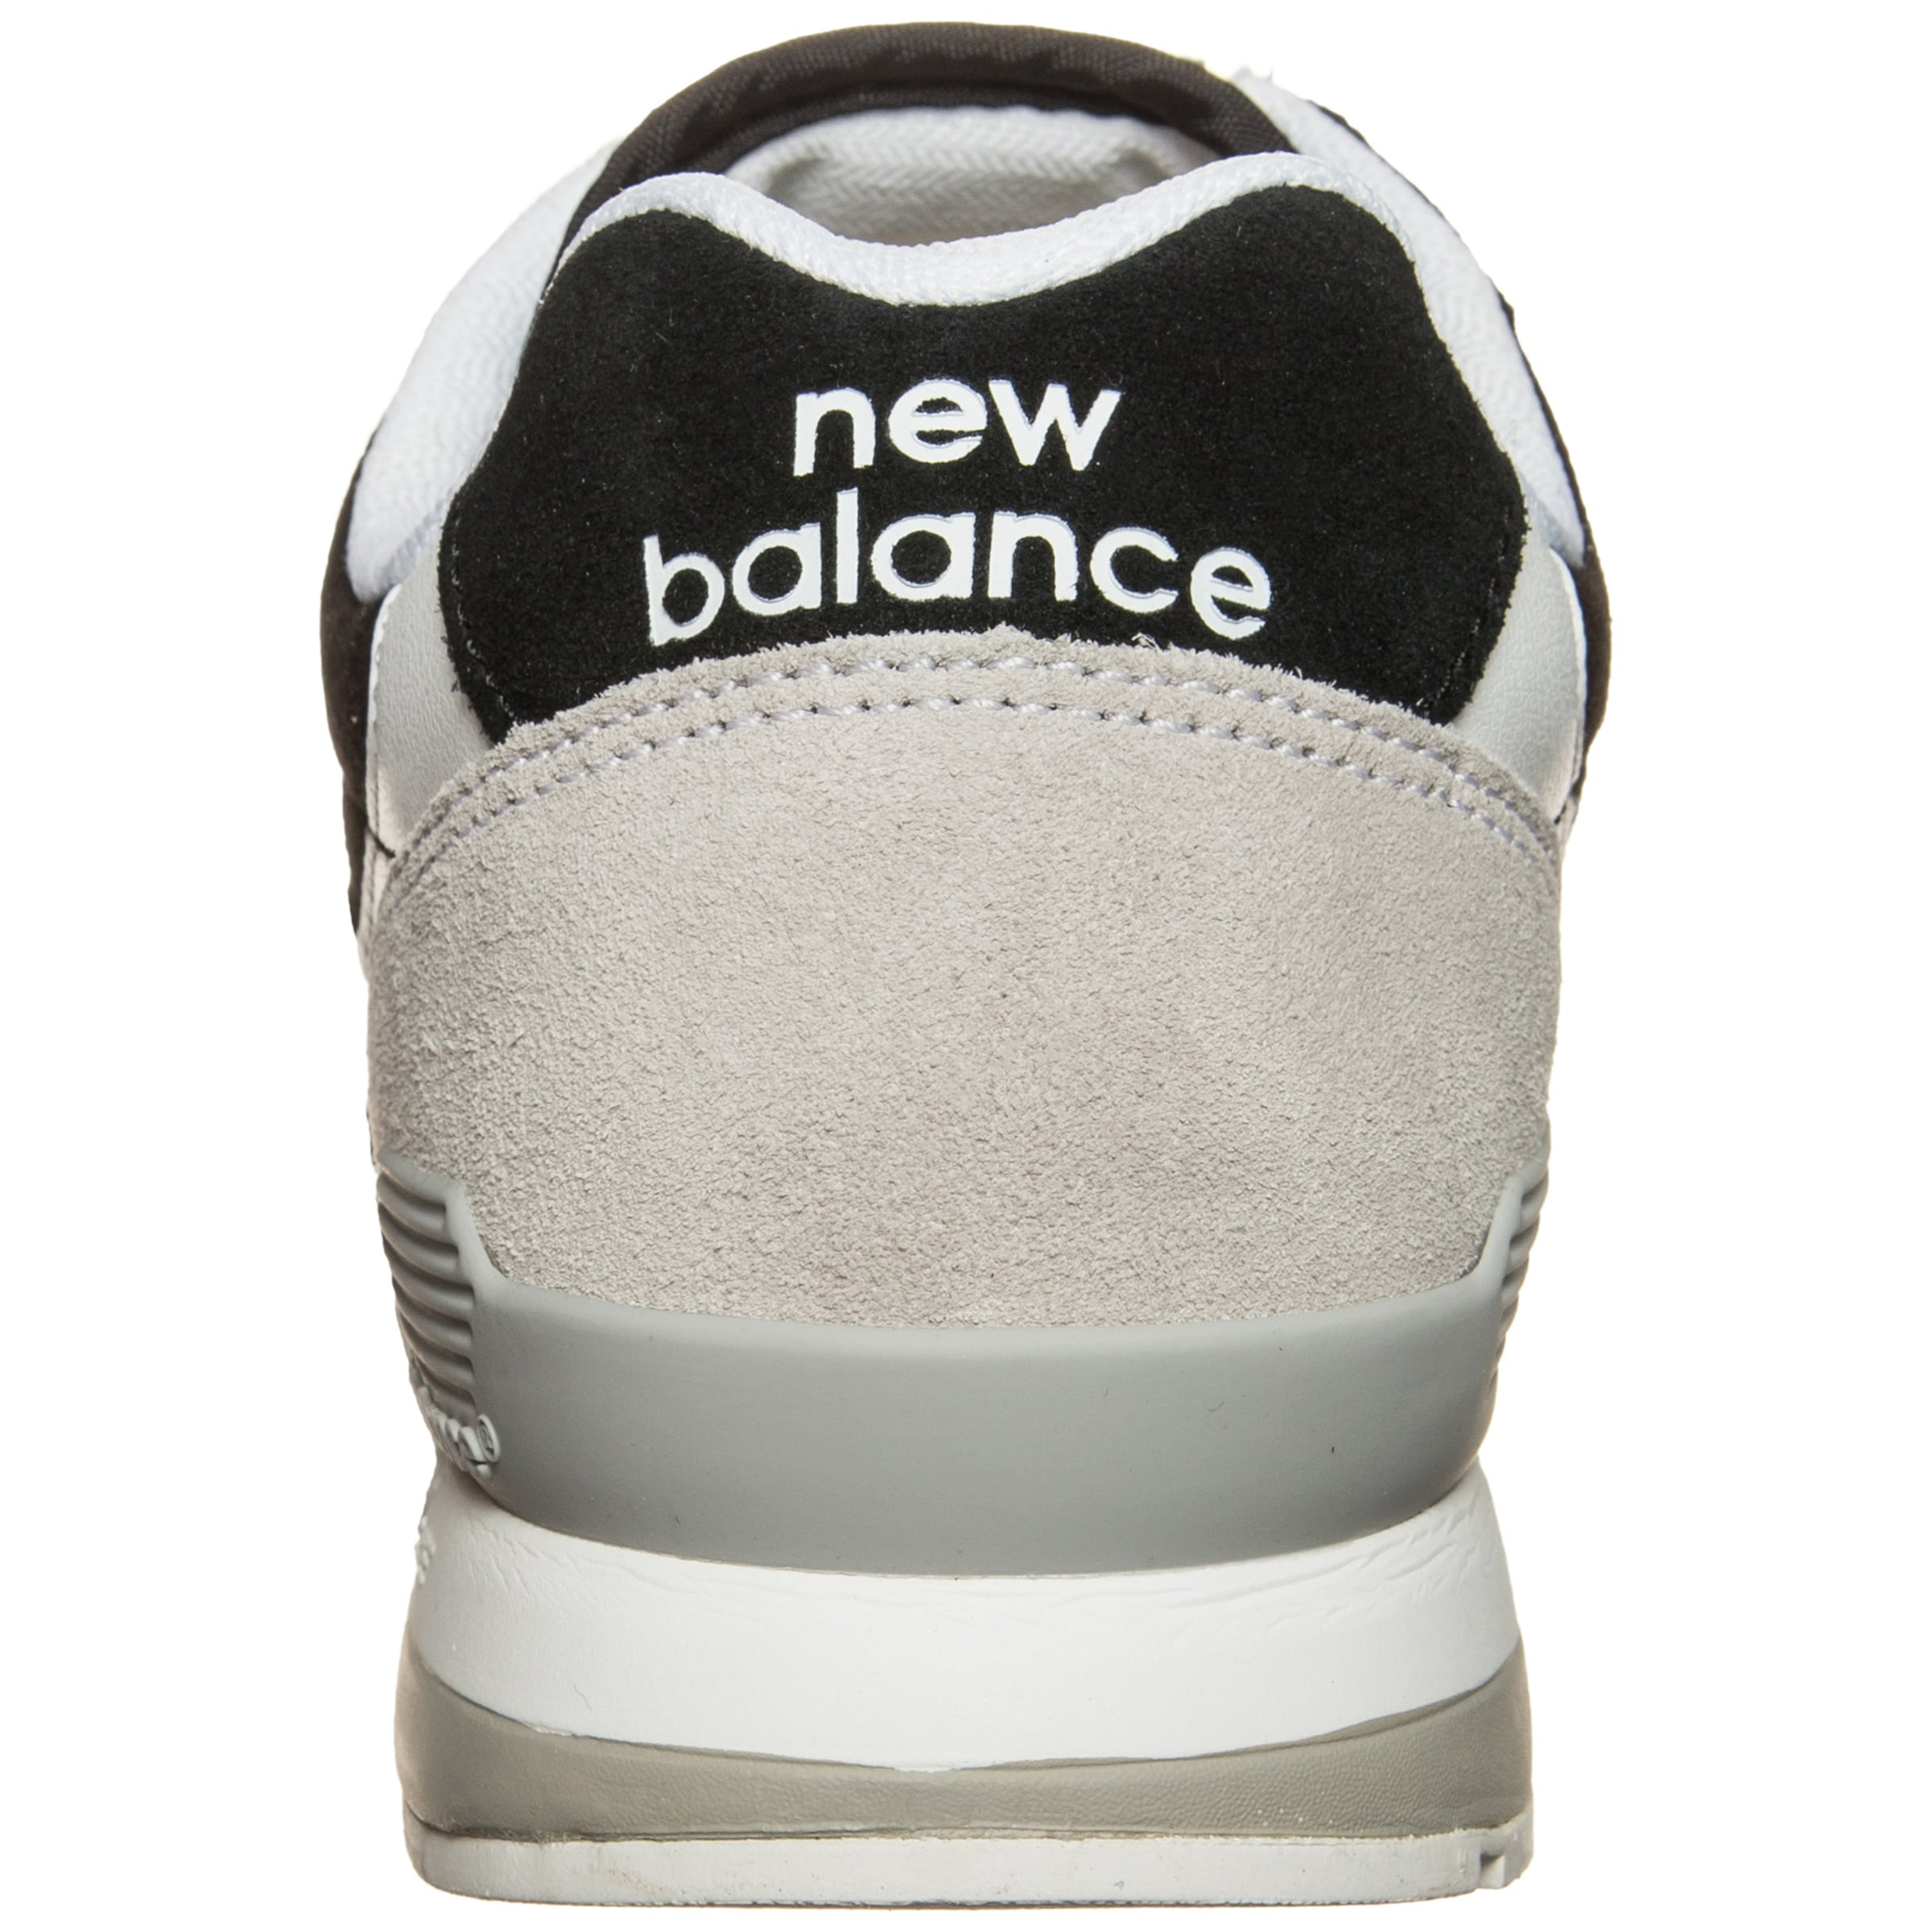 d' In Balance jv Schwarz New Herren Sneaker 'mrl996 5Rq3ALj4